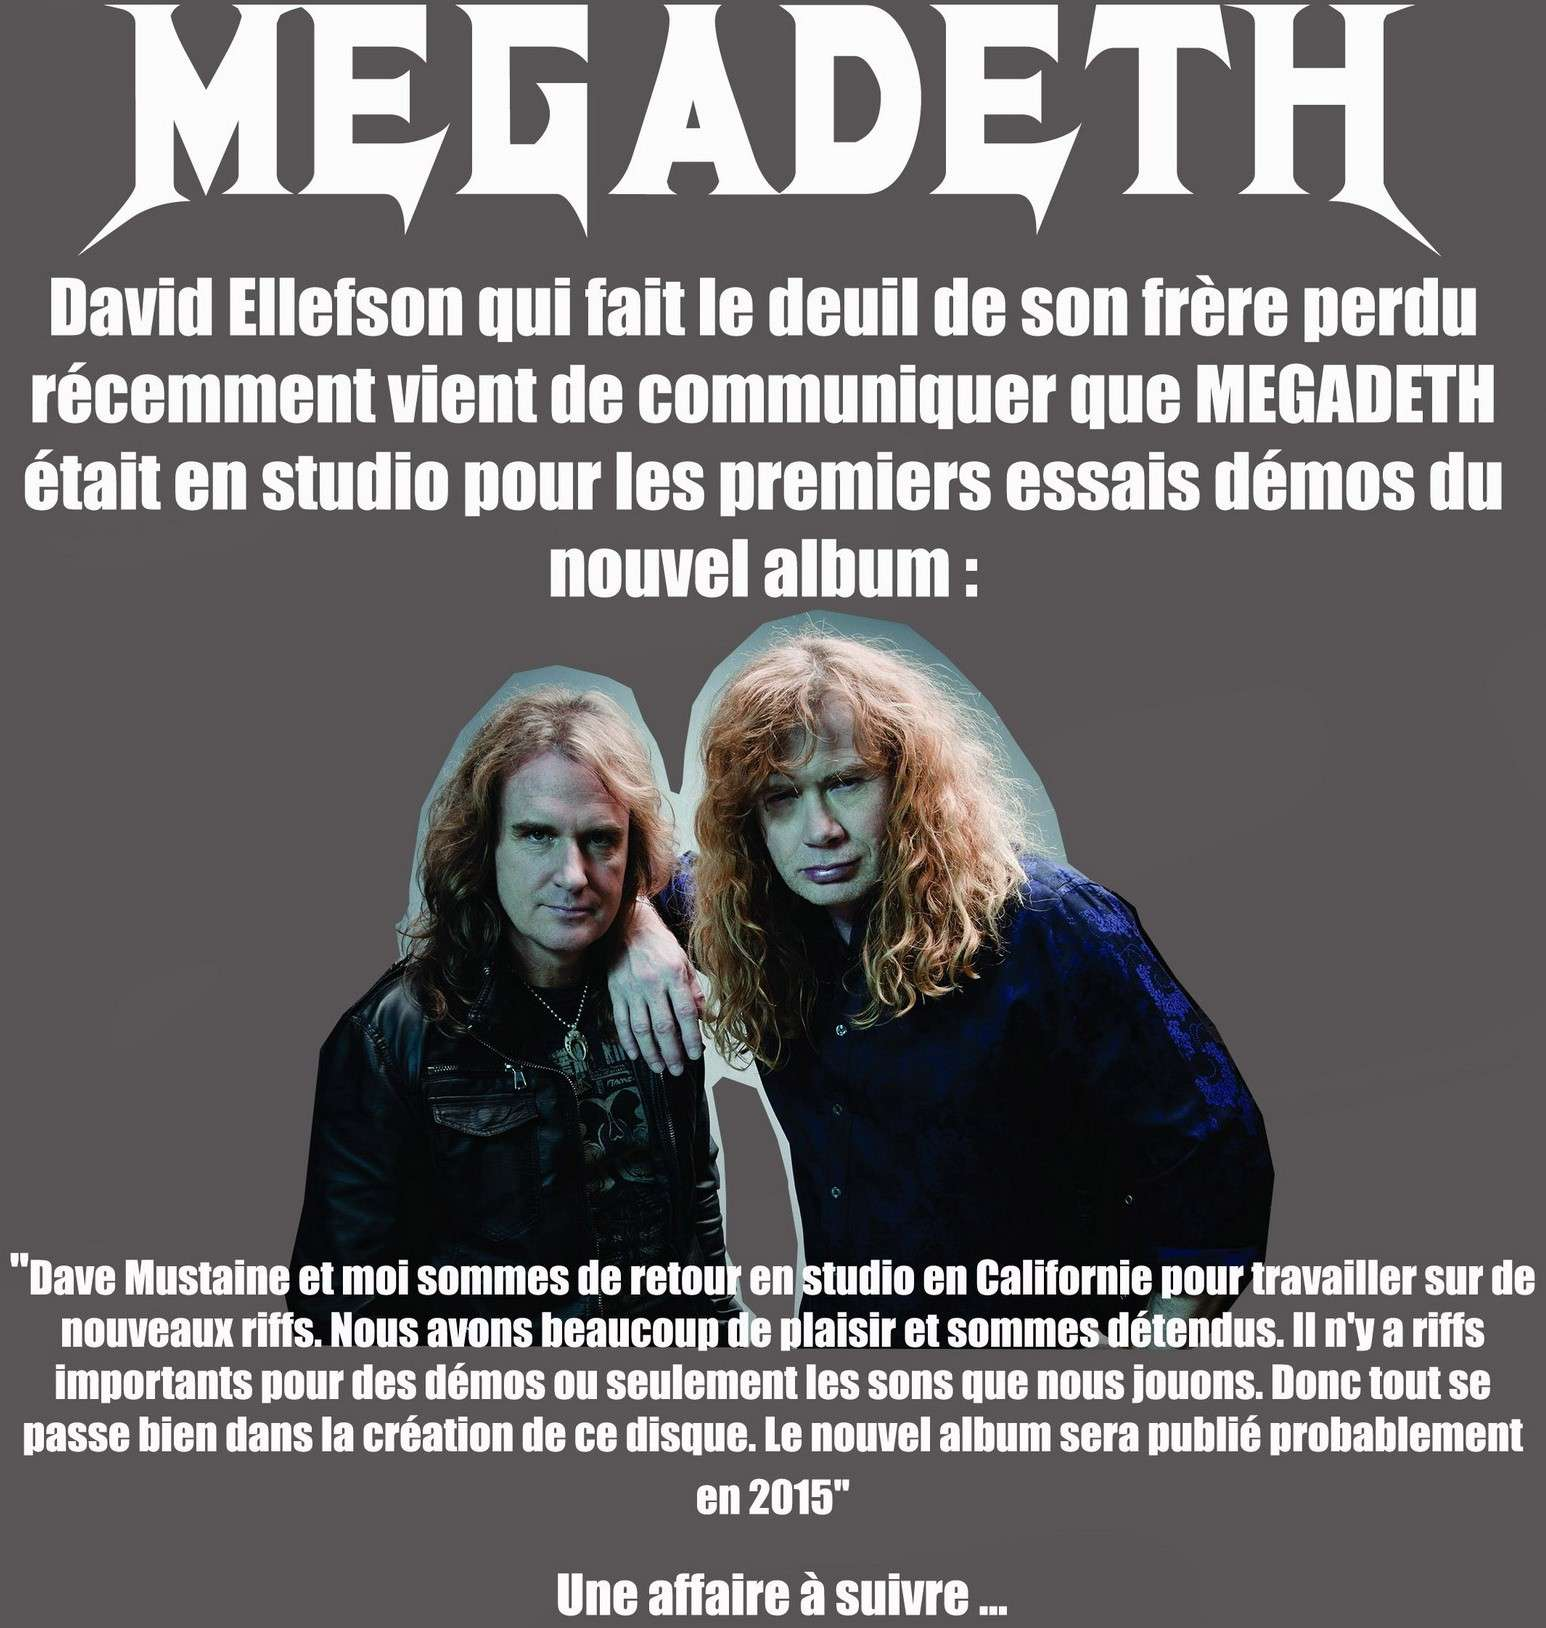 Les NEWS du METAL en VRAC ... - Page 4 Megade10